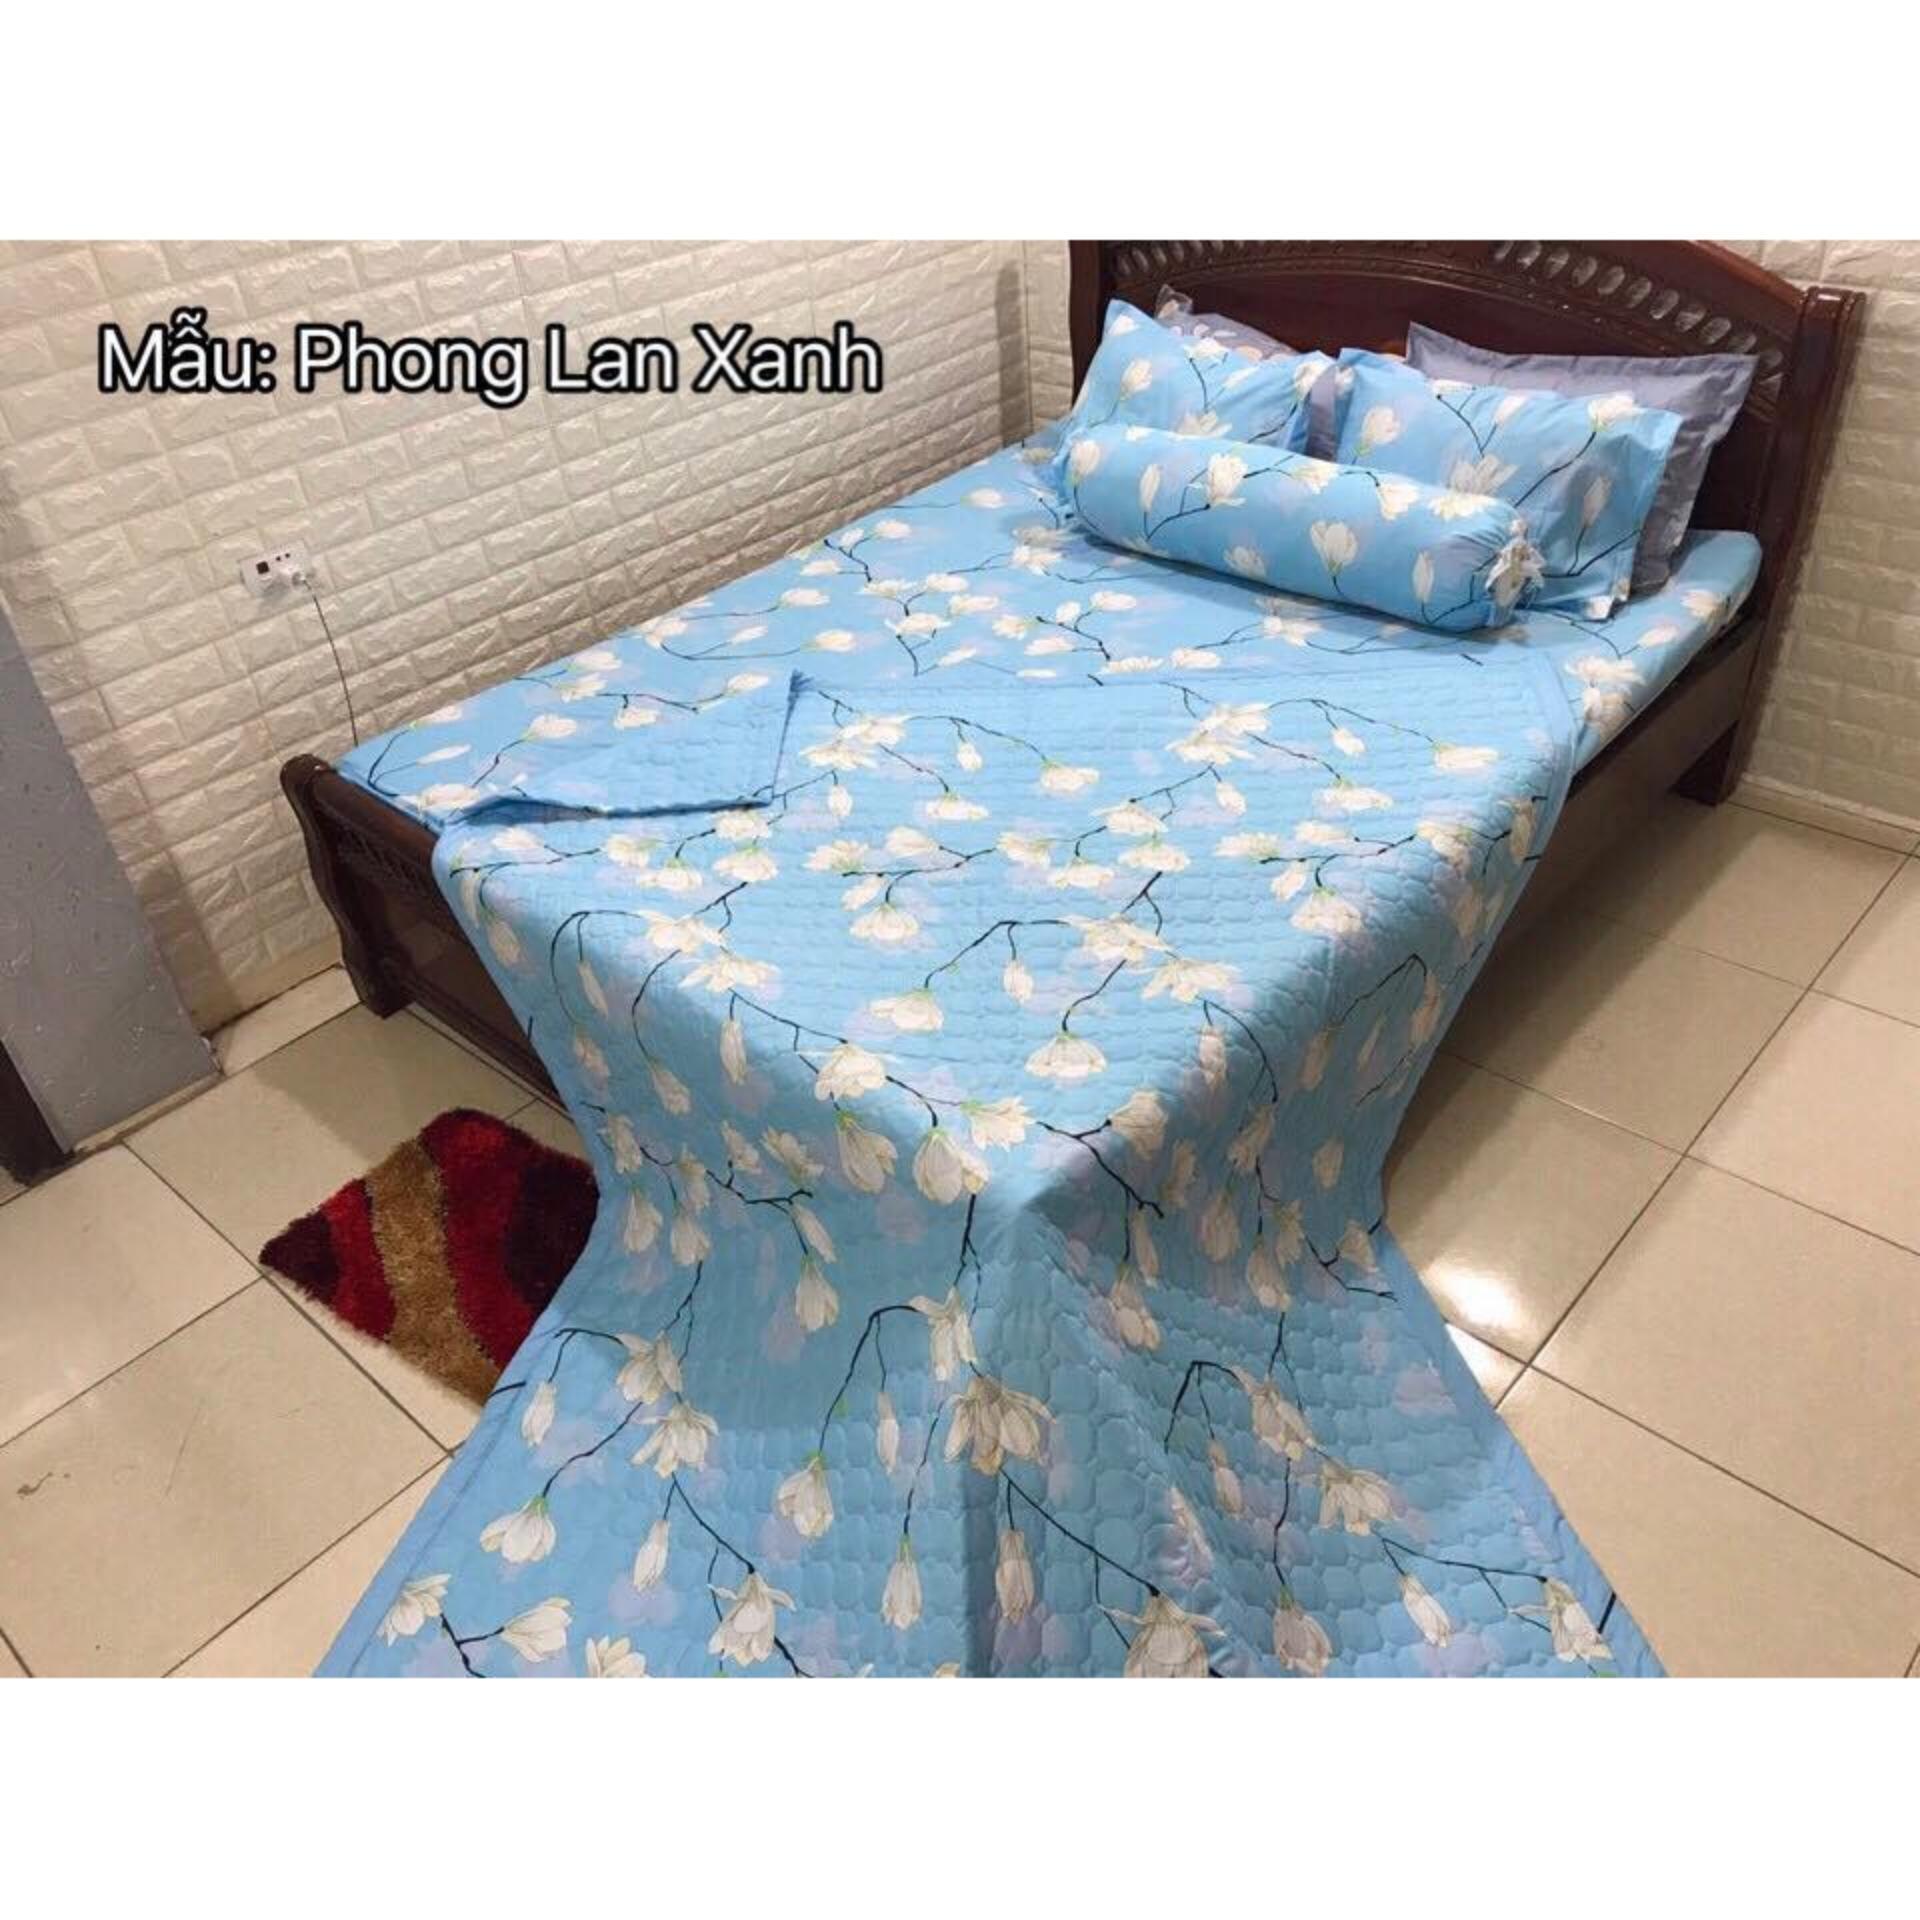 Địa Chỉ Bán Bộ ga gối poly cotton phong lan xanh m6/m8